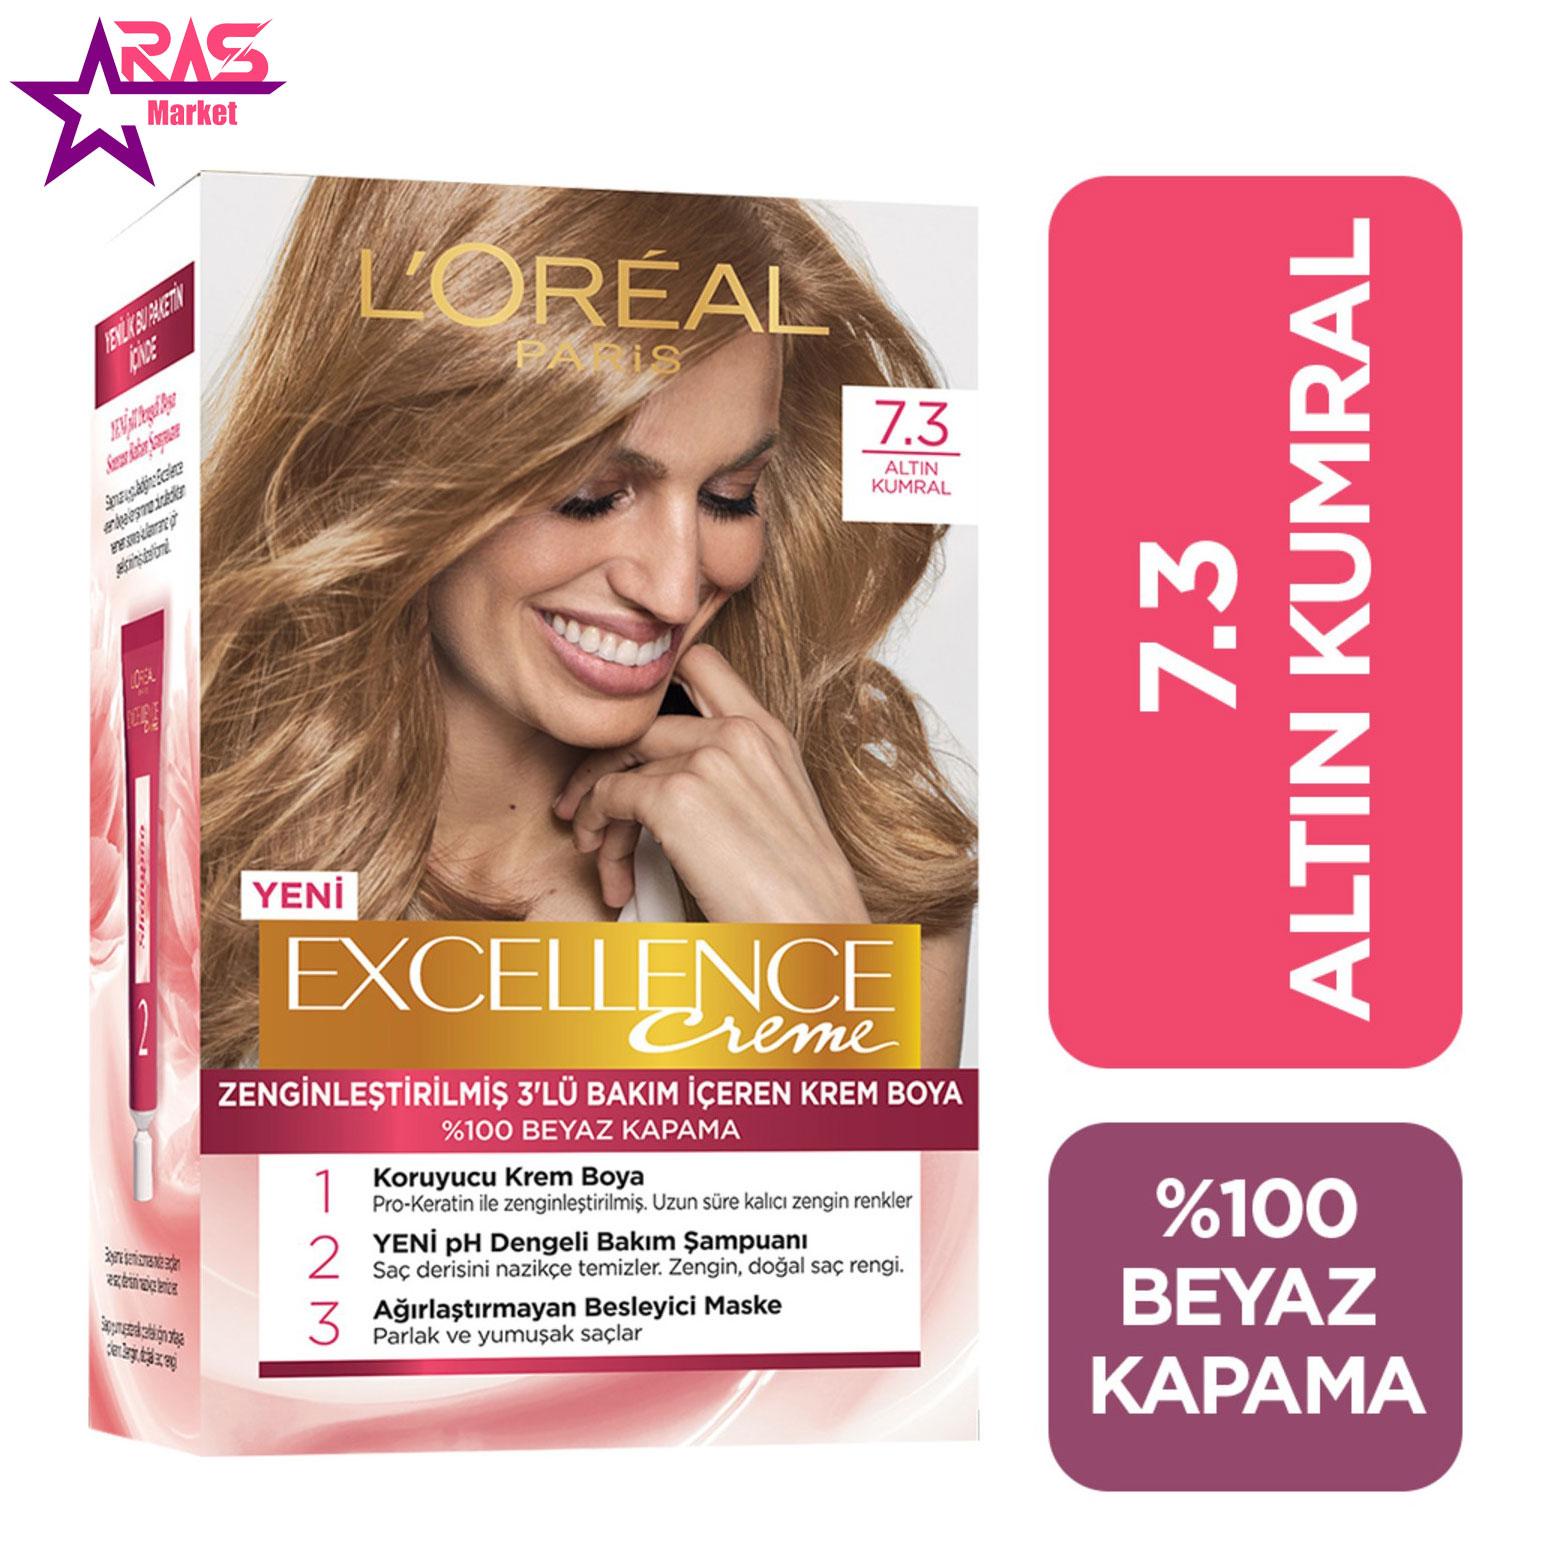 کیت رنگ مو لورآل سری Excellence شماره 7.3 ، فروشگاه اینترنتی ارس مارکت ، بهداشت بانوان